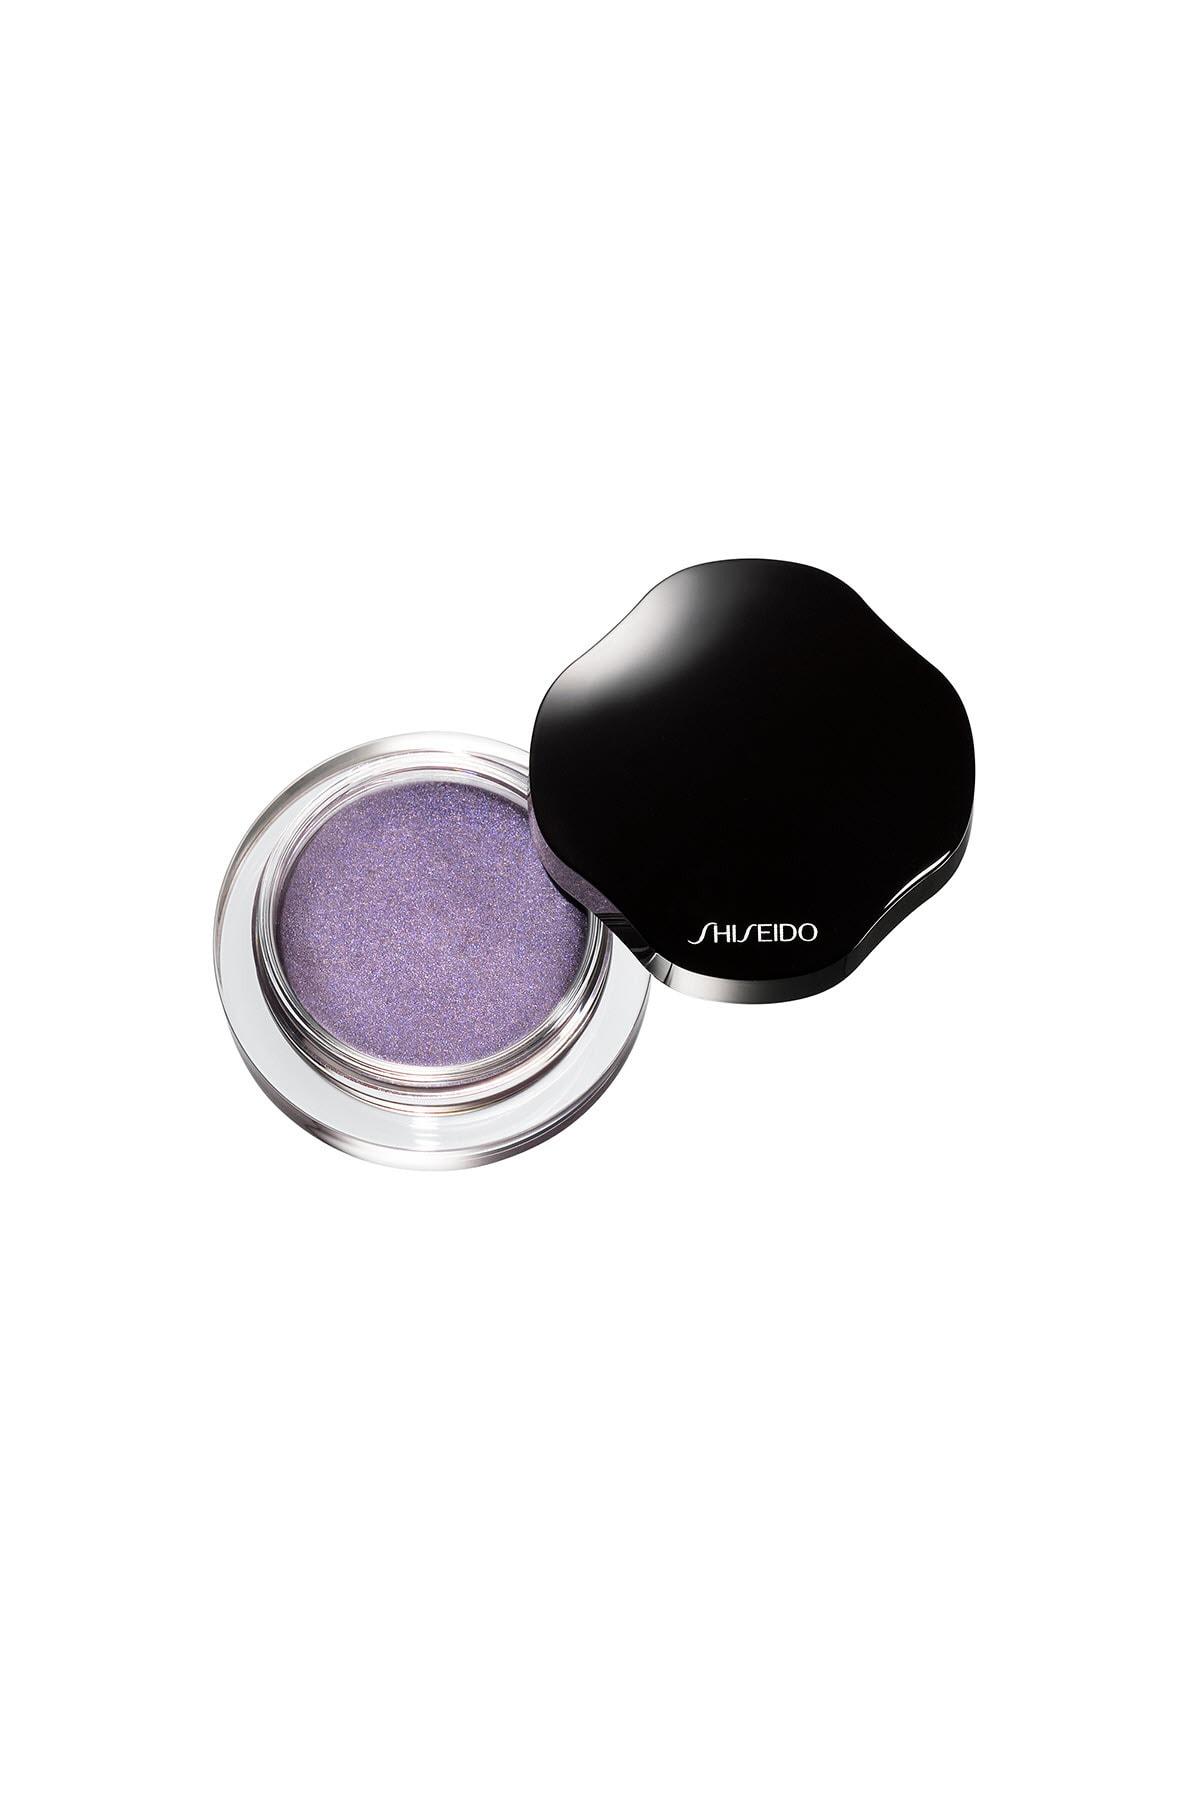 Shiseido Işıltılı Krem Göz Farı - Shimmering Cream Eye Color VI226 730852116221 1